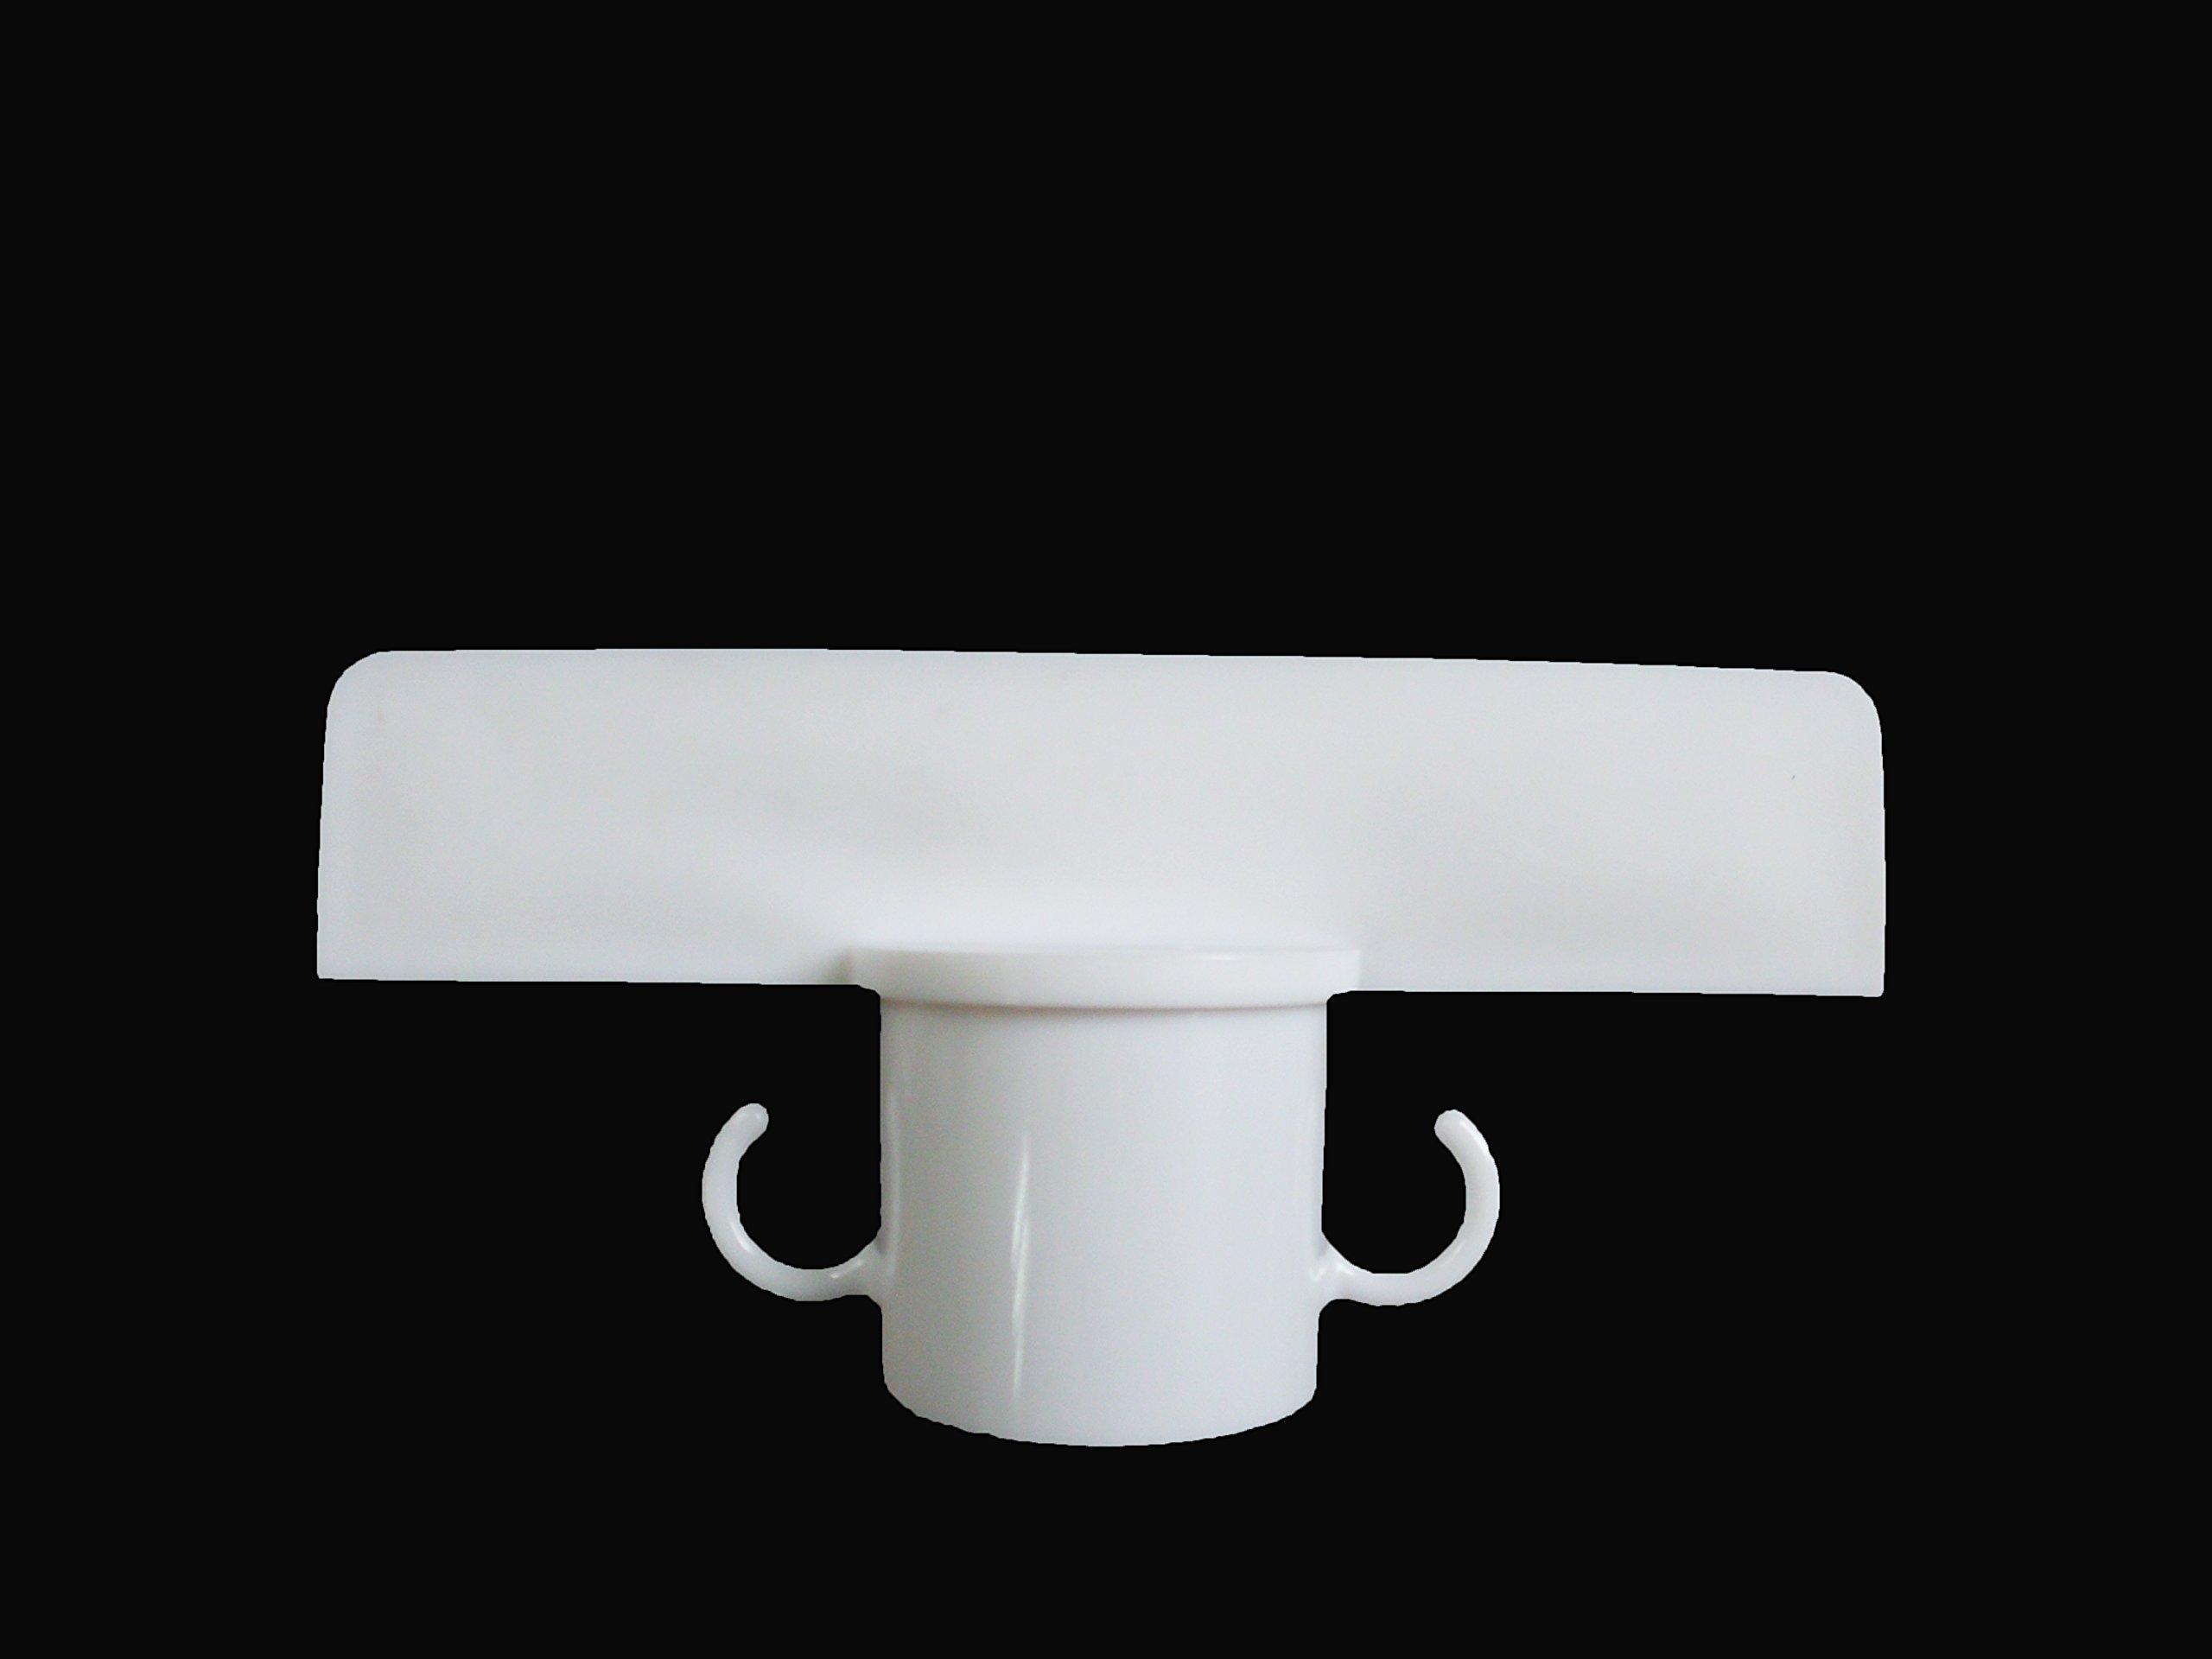 PLASTIC STANCHION 4PCS SET WHITE + 32' CHAIN + SIGN BRACKET, CROWD CONTROL CENTER